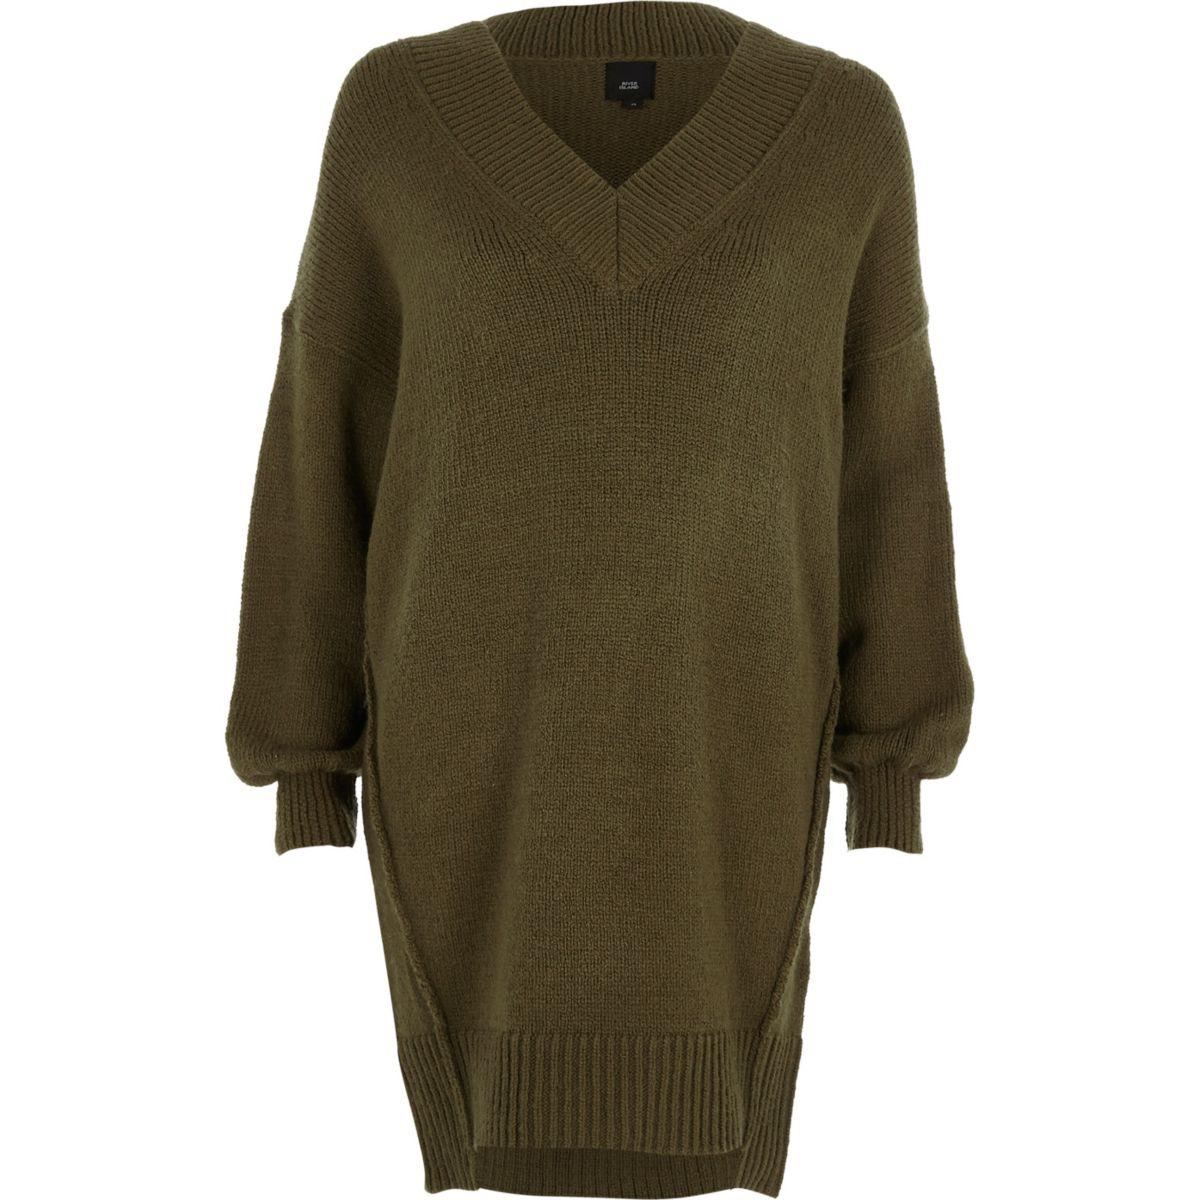 Khaki green V neck jumper dress